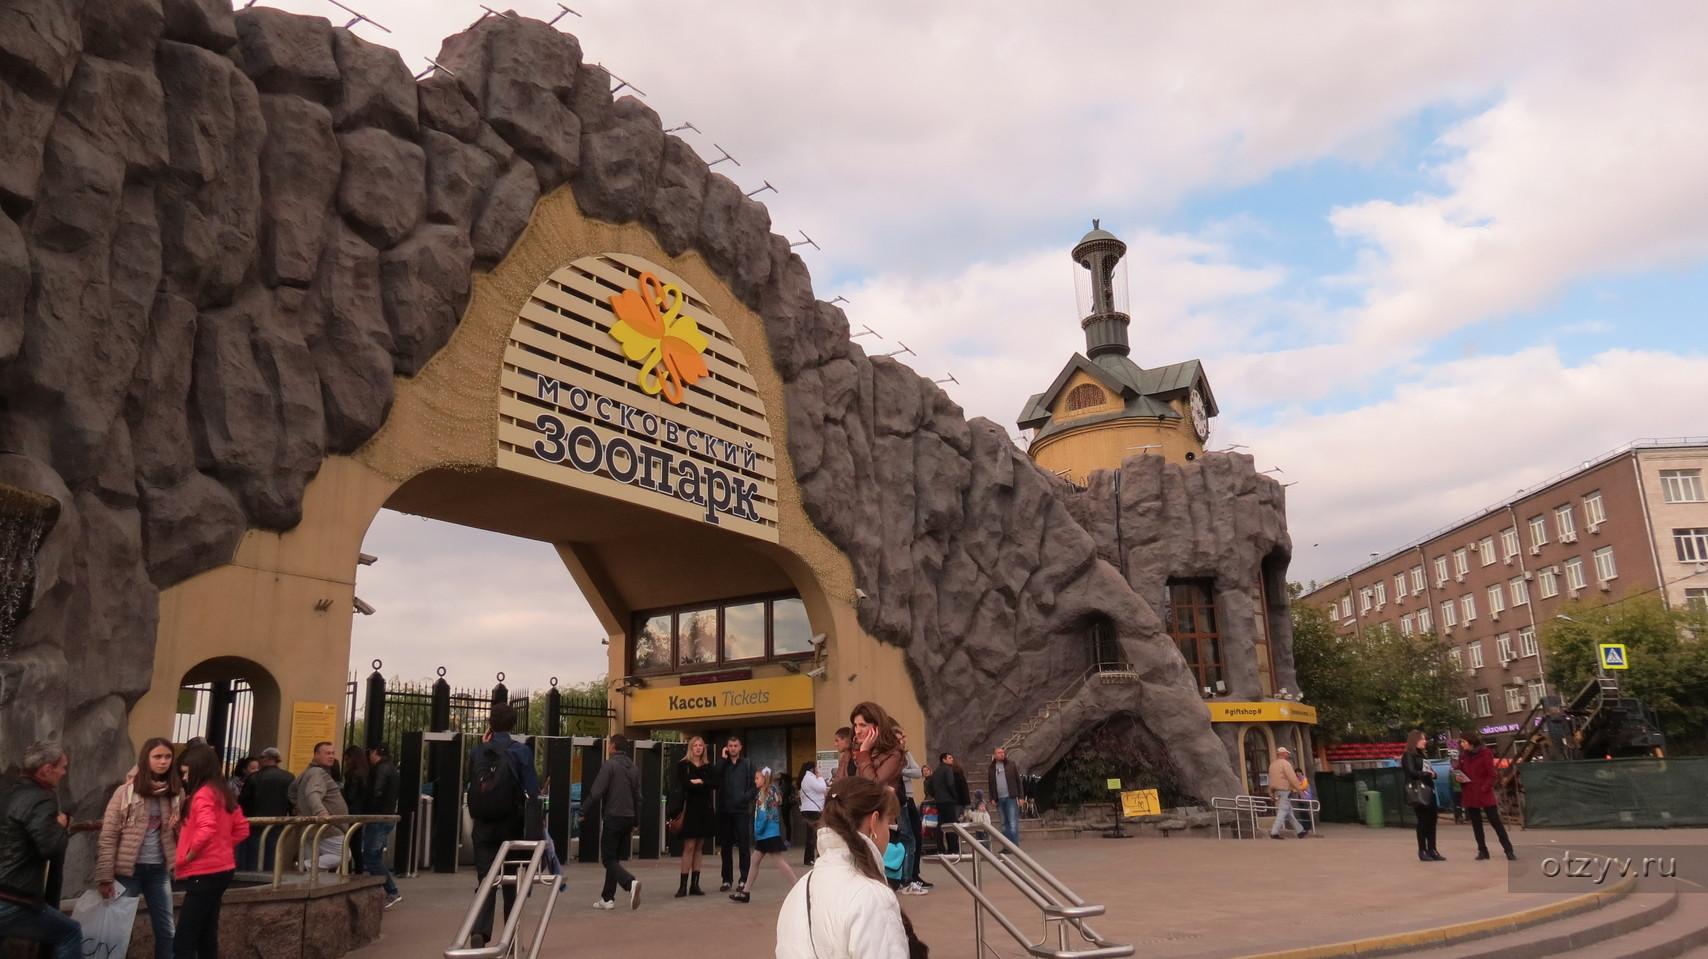 Надписью, московский зоопарк картинки внутри